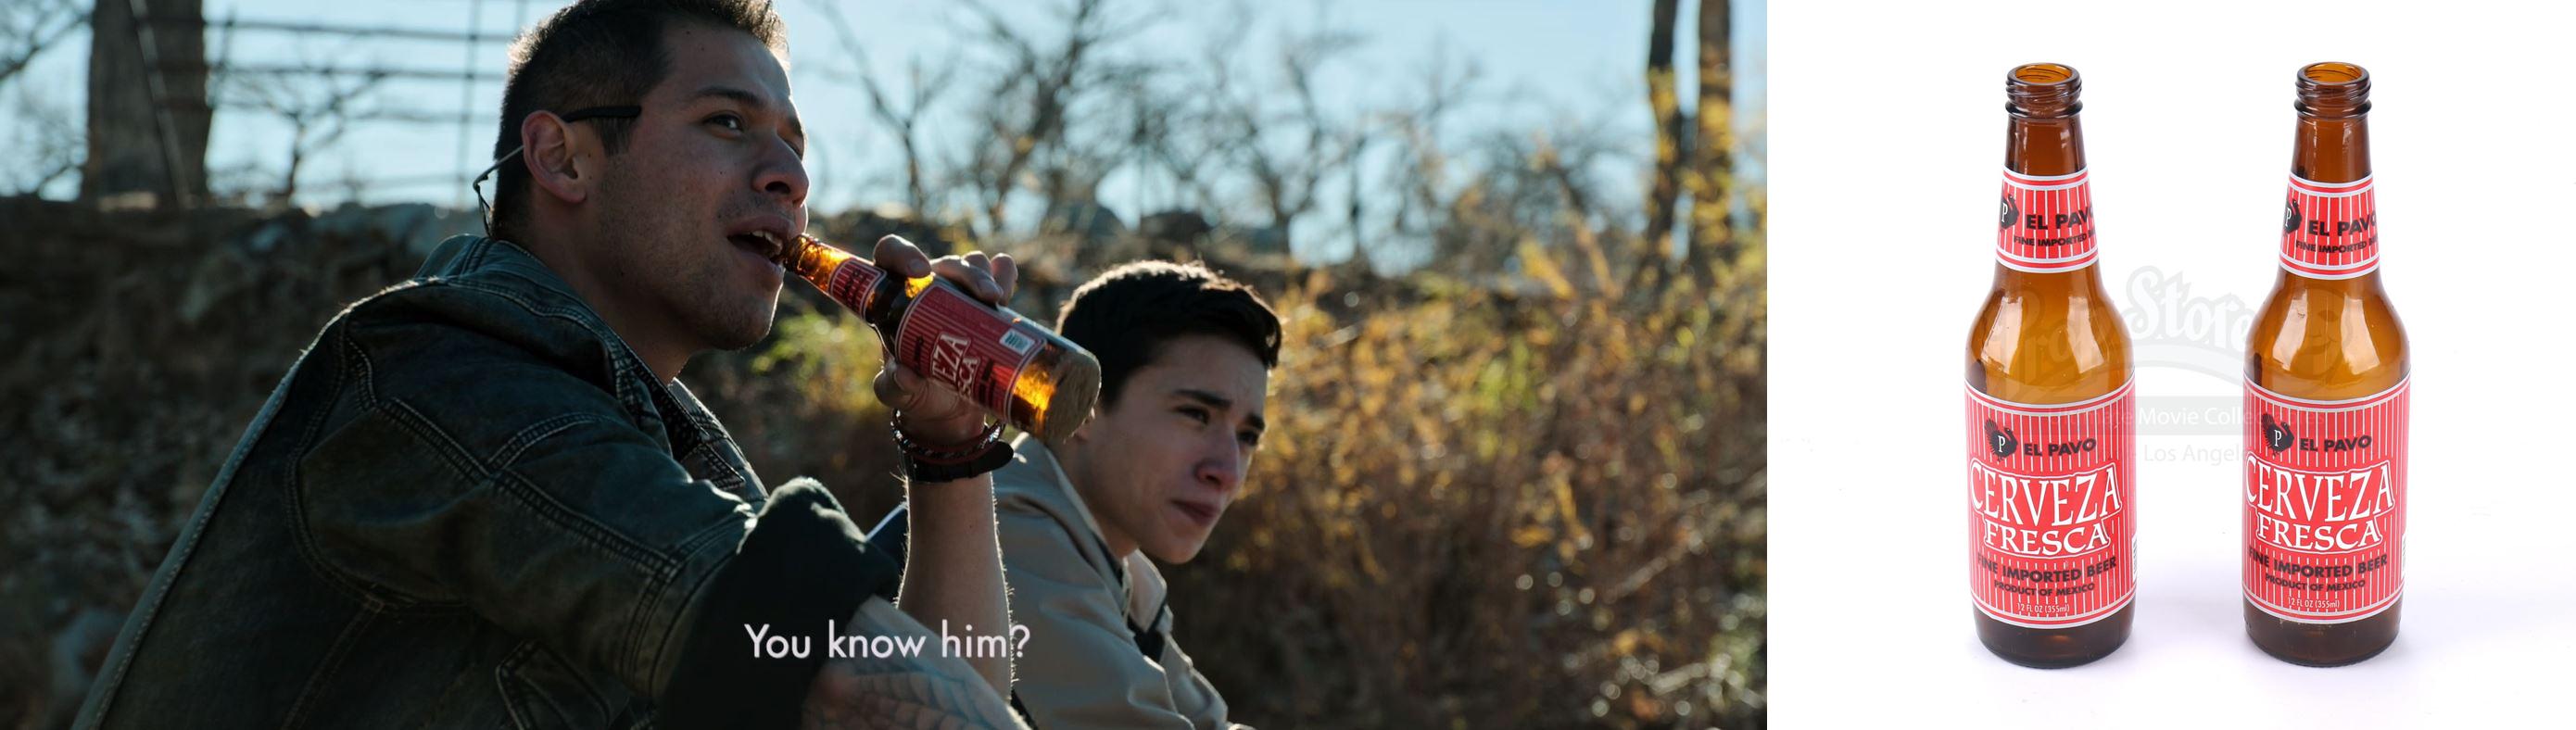 Hector (David Castañeda) and Miguel Hernandez's (Elijah Rodriguez) Beer Bottles. Photos: Prop Store